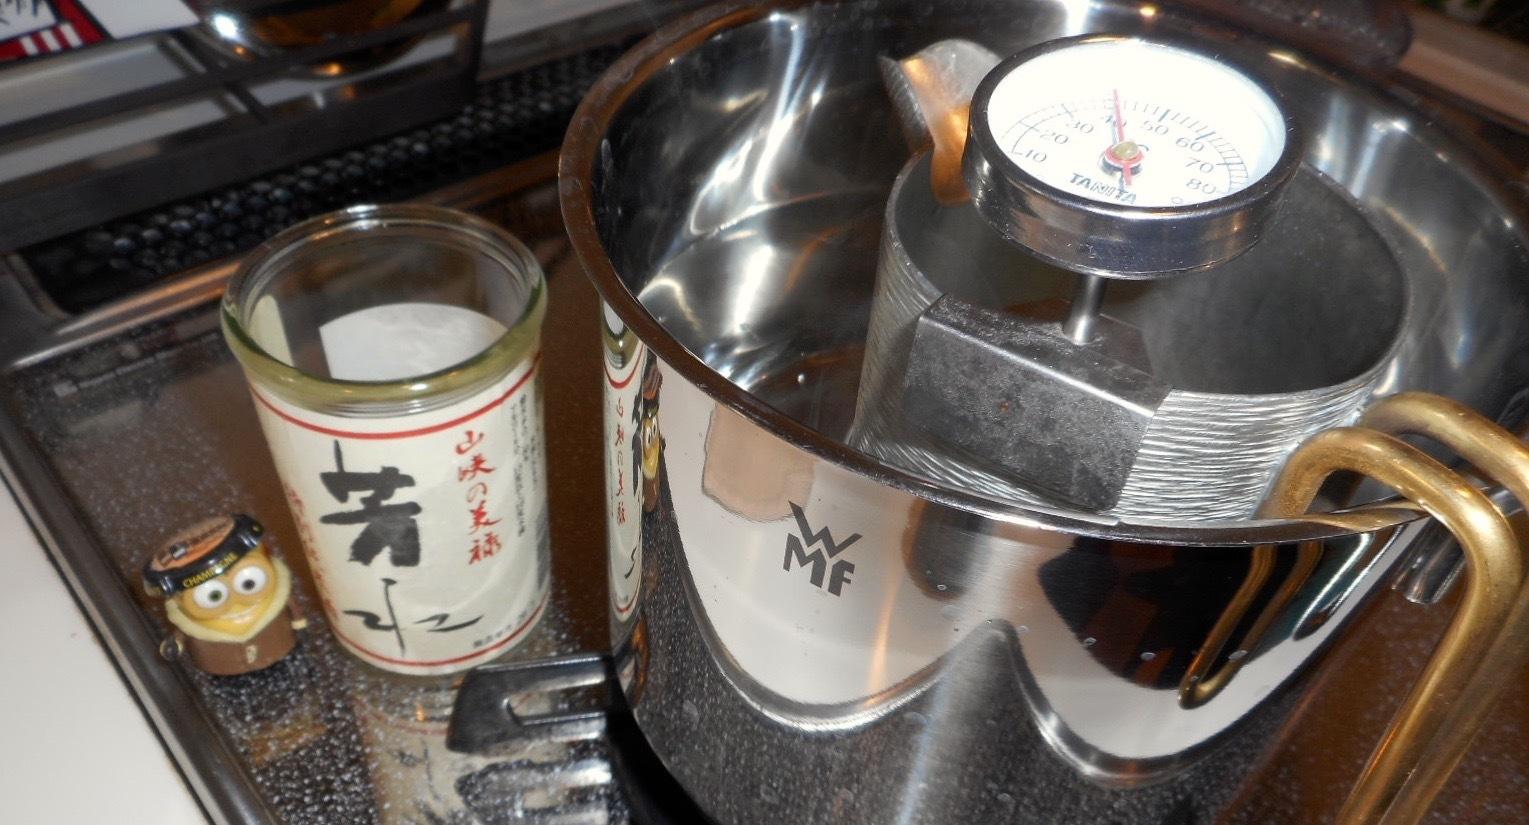 housui_cup29_3_7.jpg